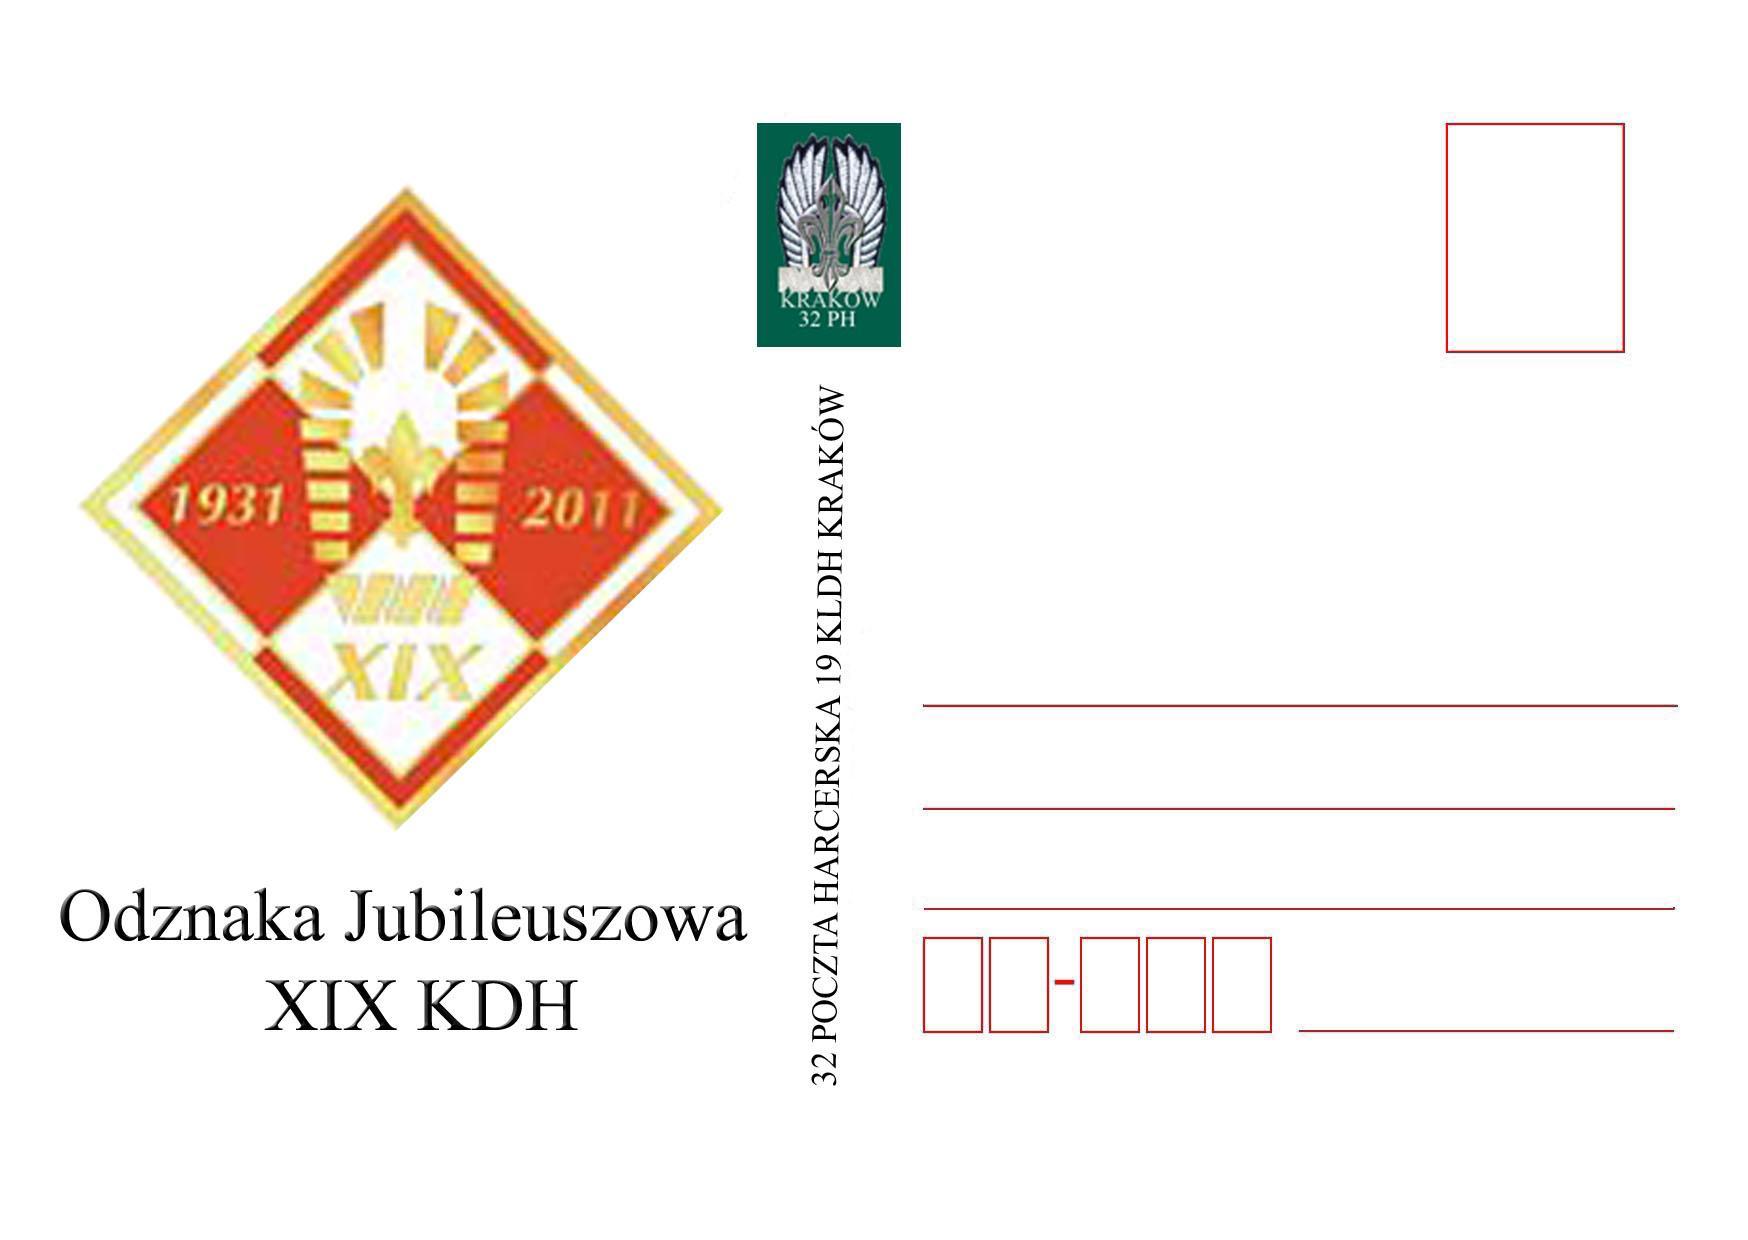 news: 1105_kartka_odznaka_jubileuszowa1.jpg